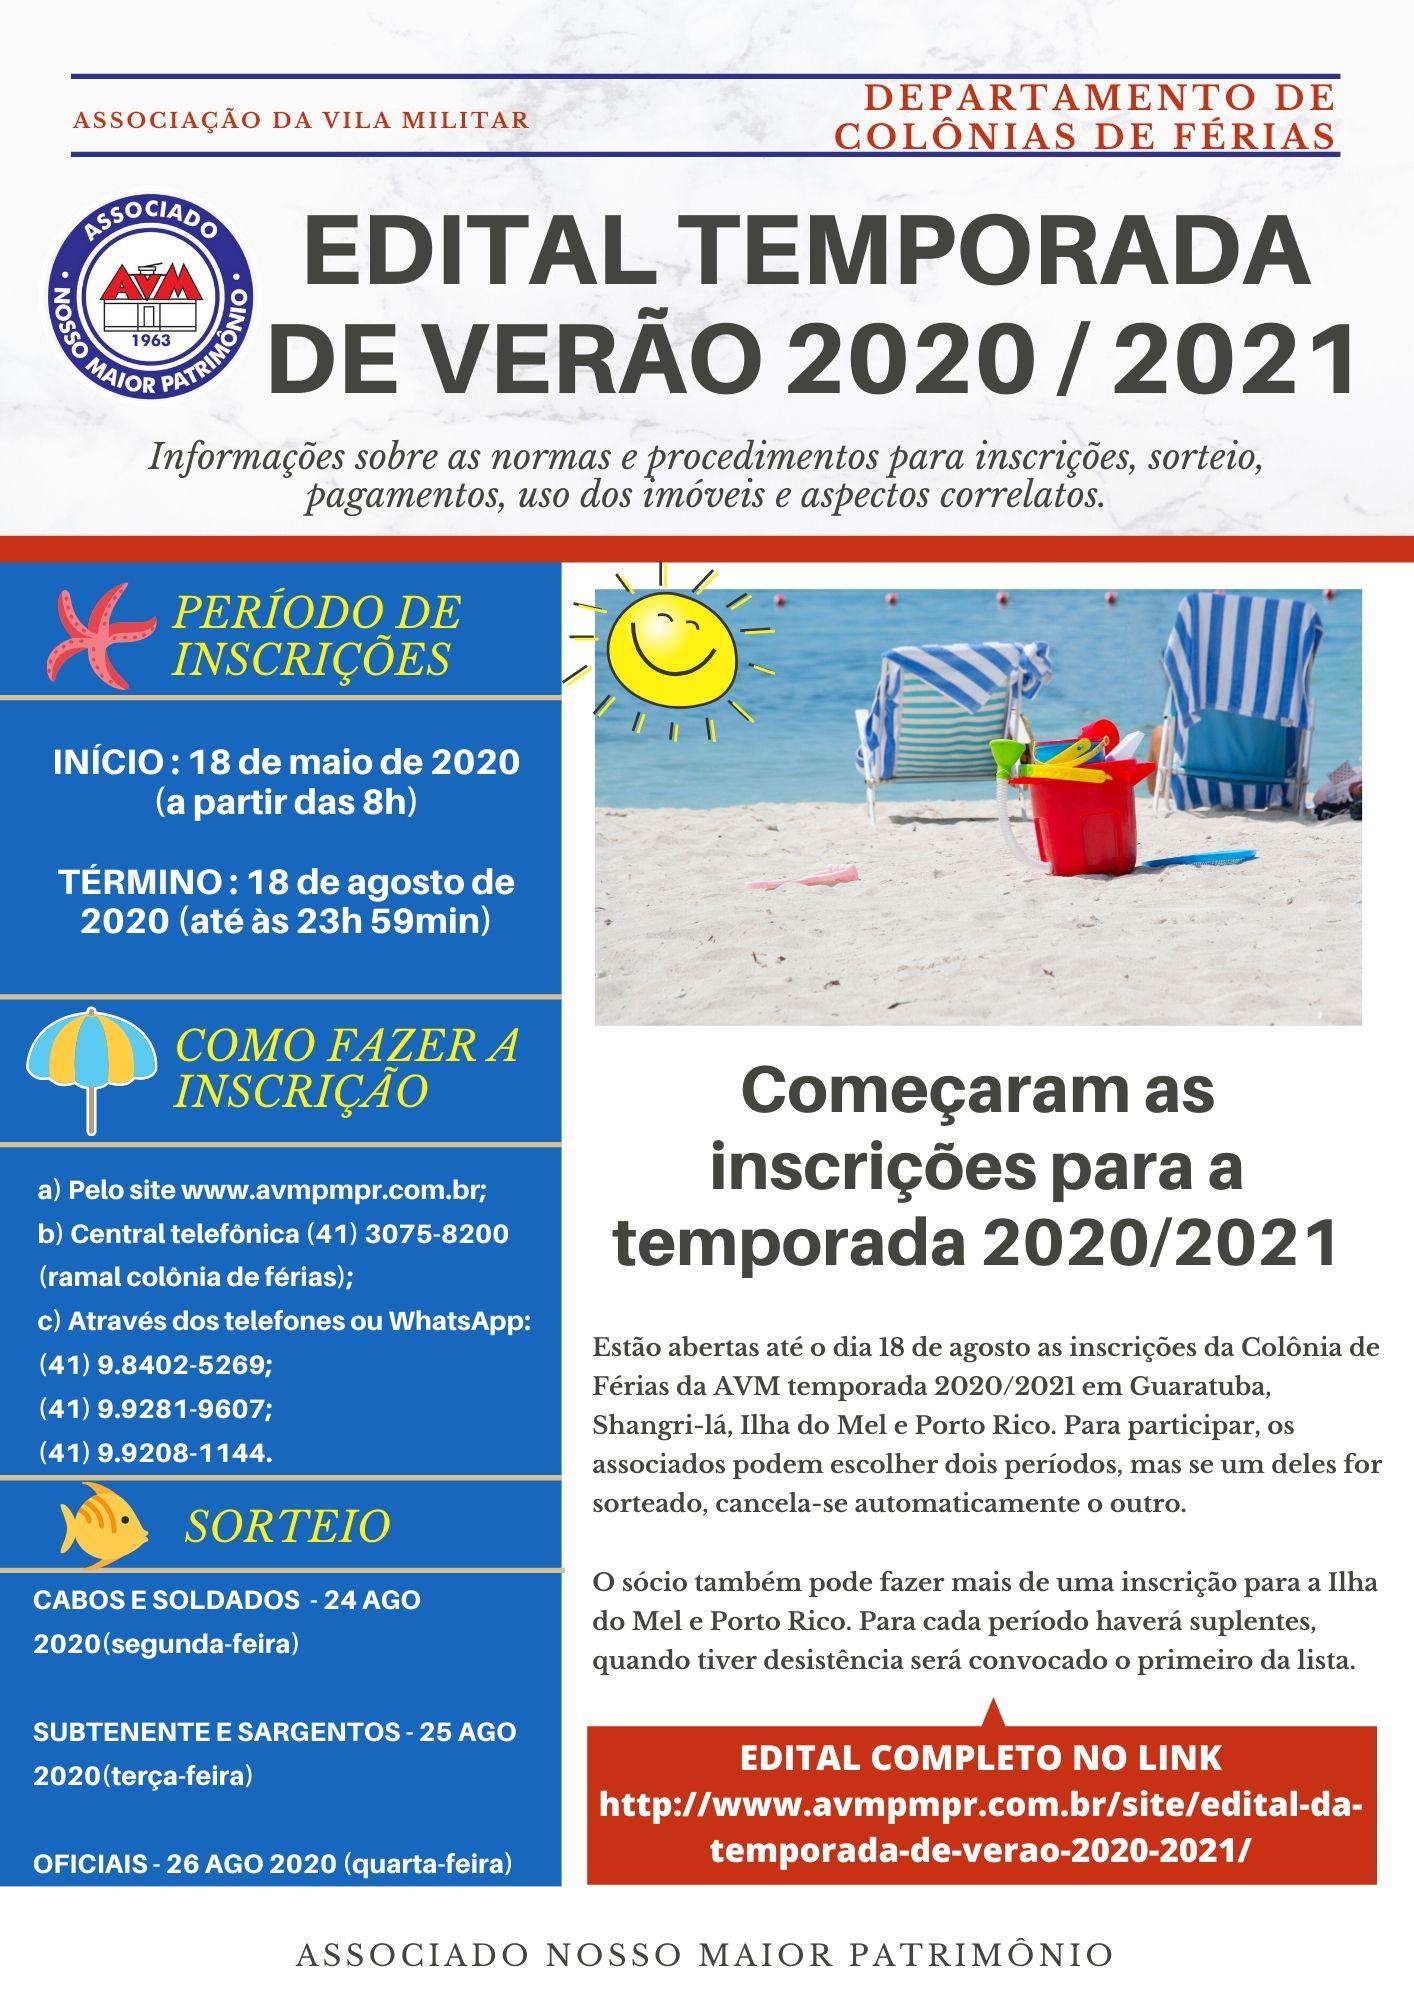 Avm 2021